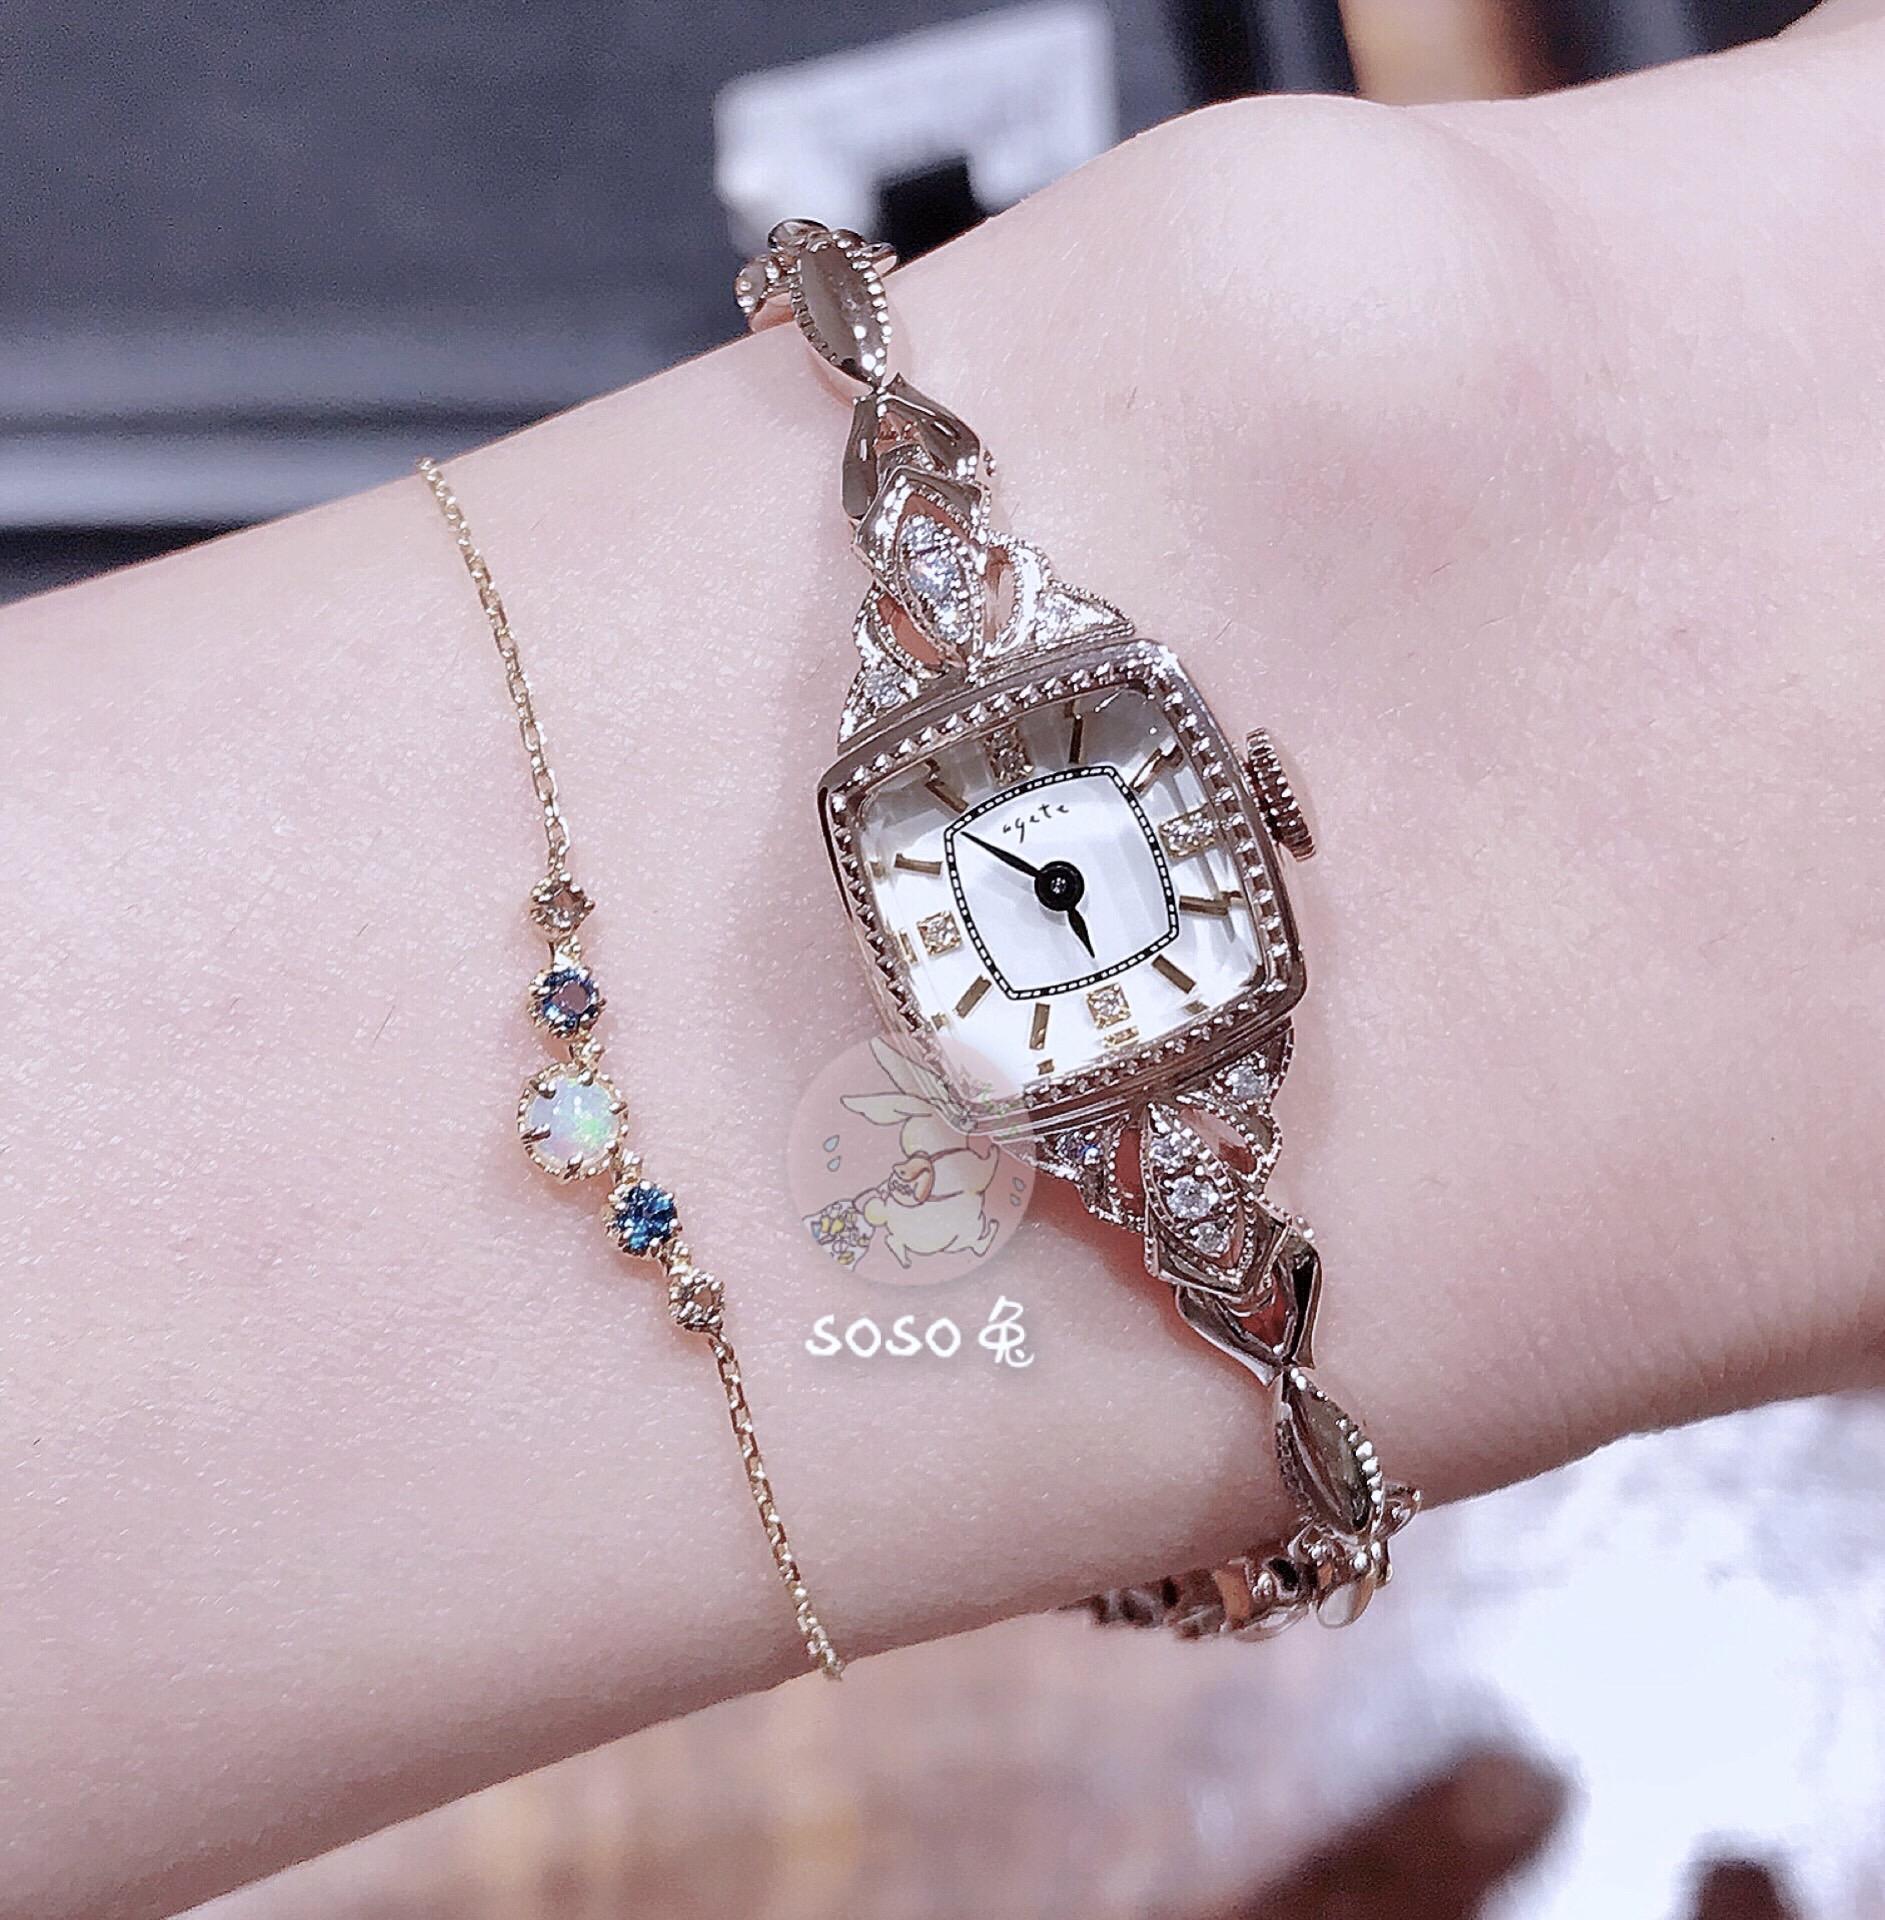 日本代购agete手表